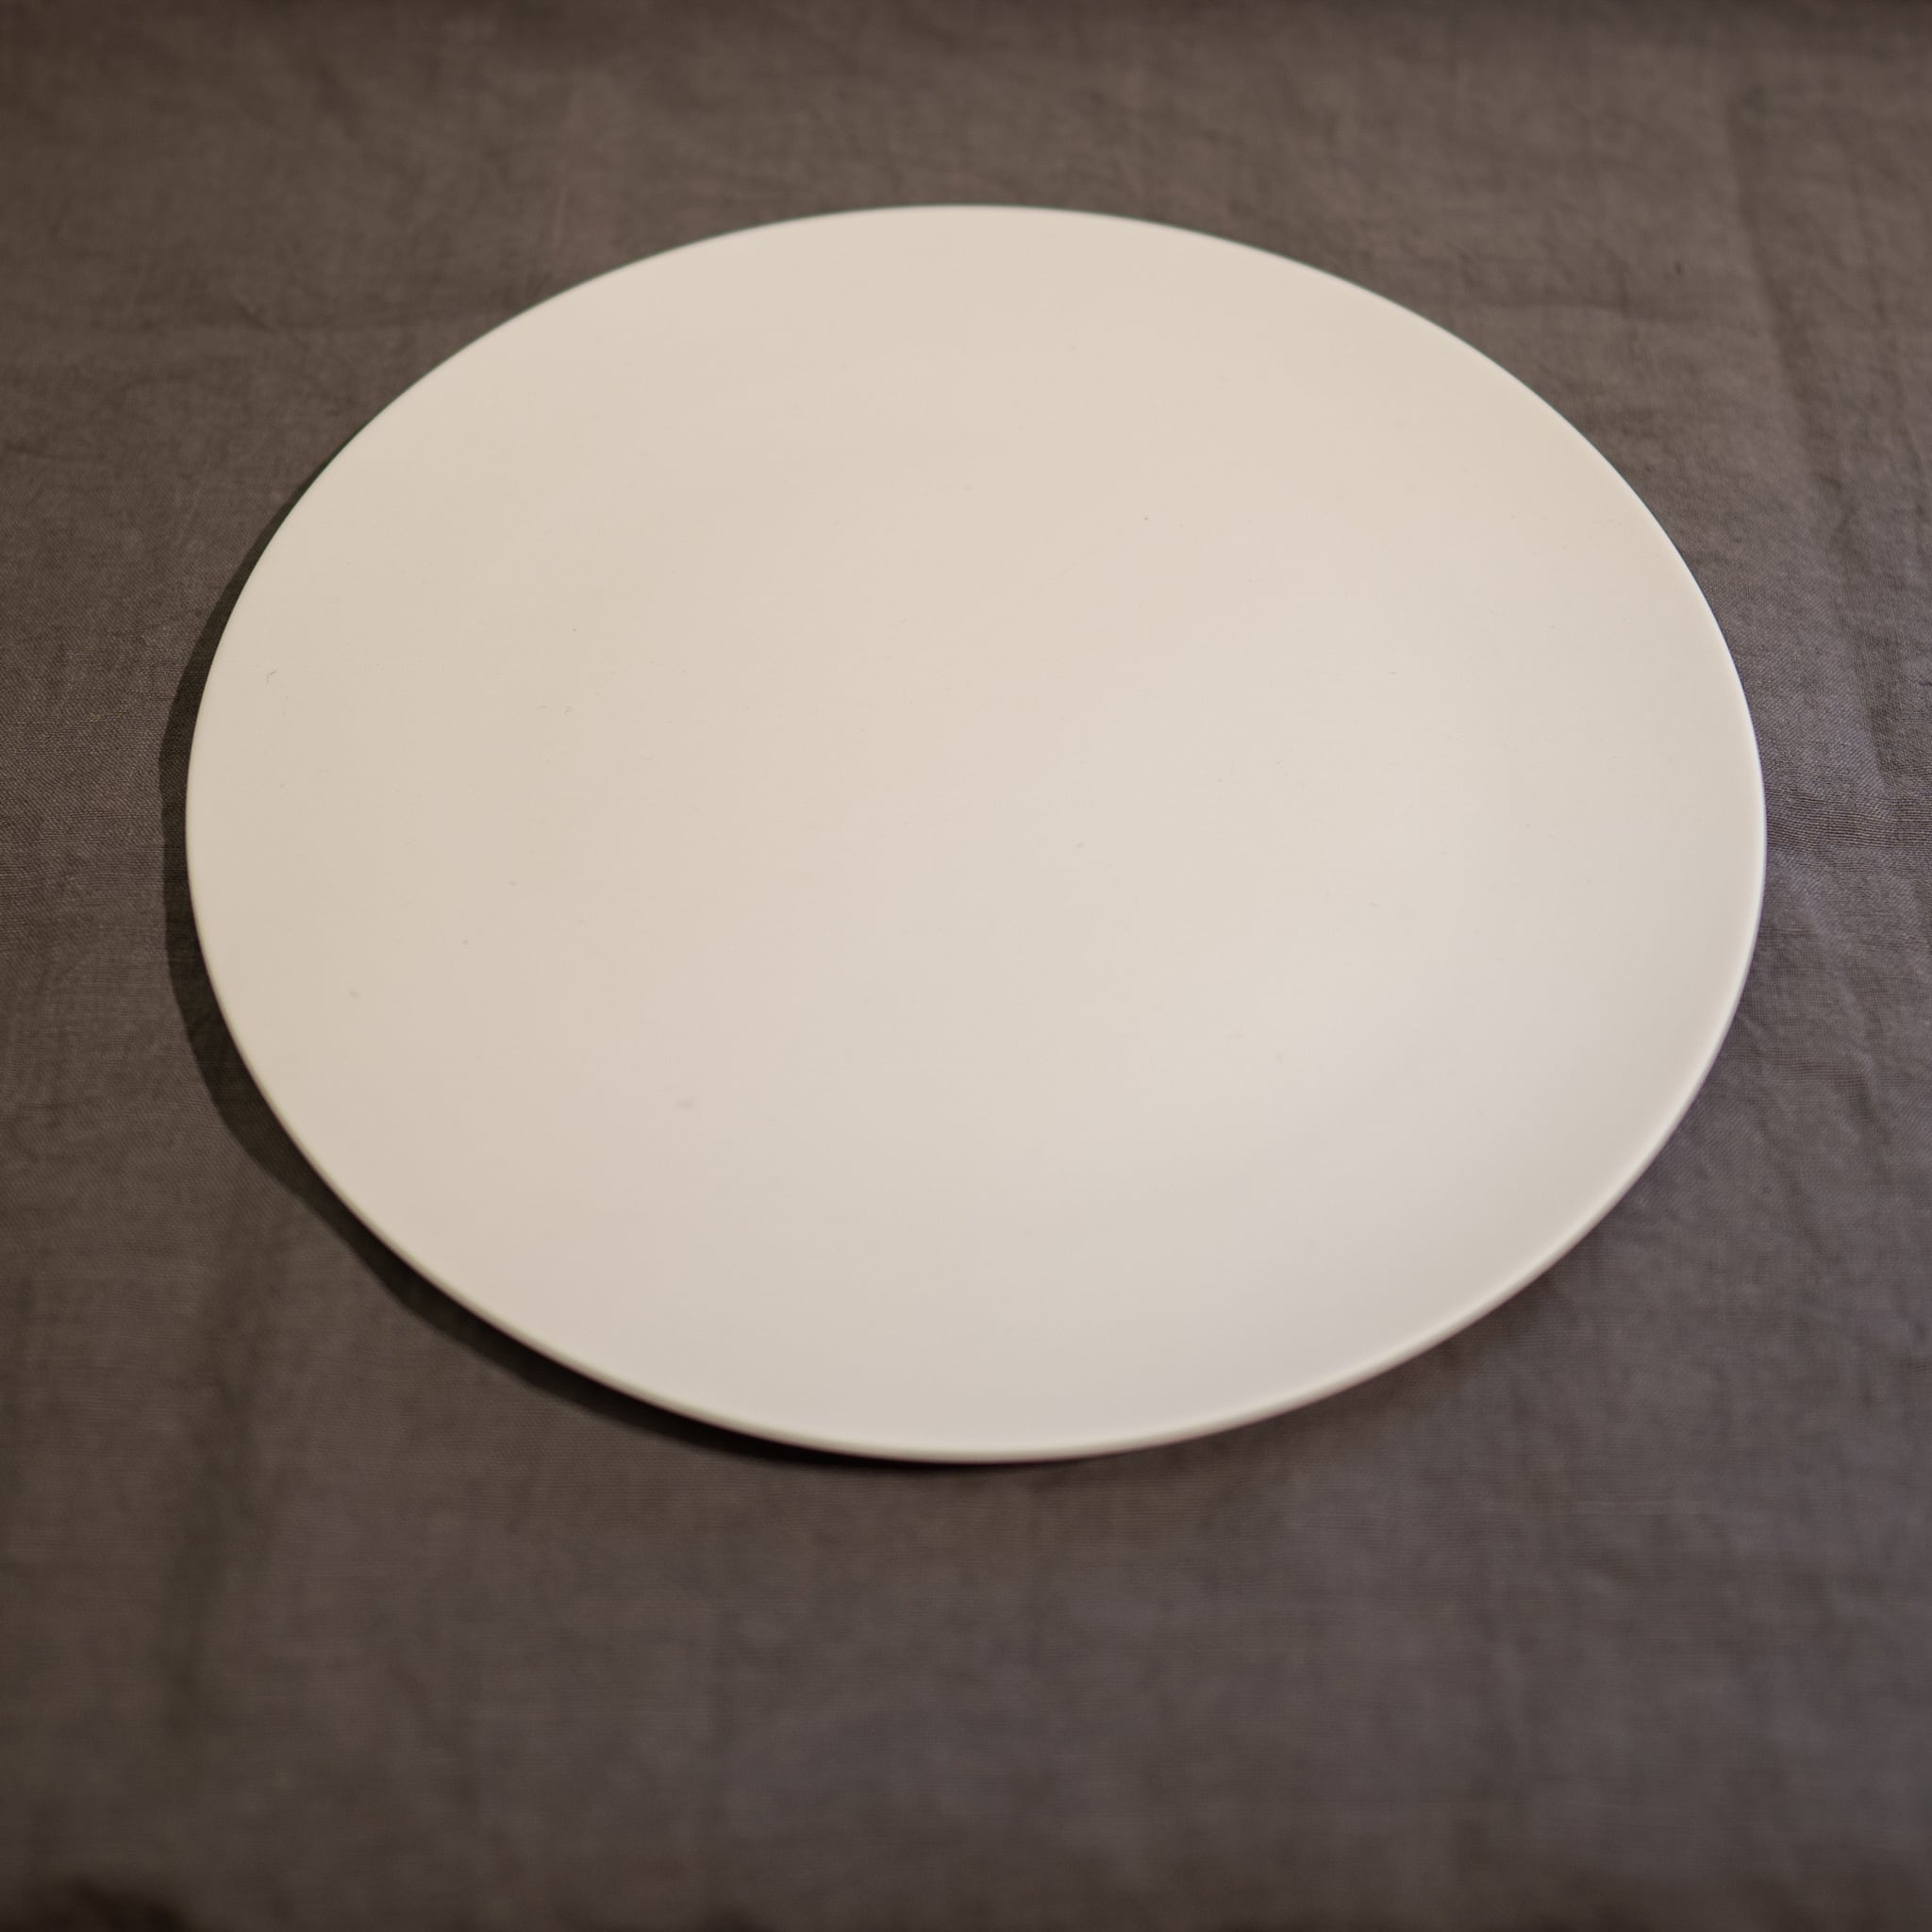 Stone プレート リッチグレー 28cm